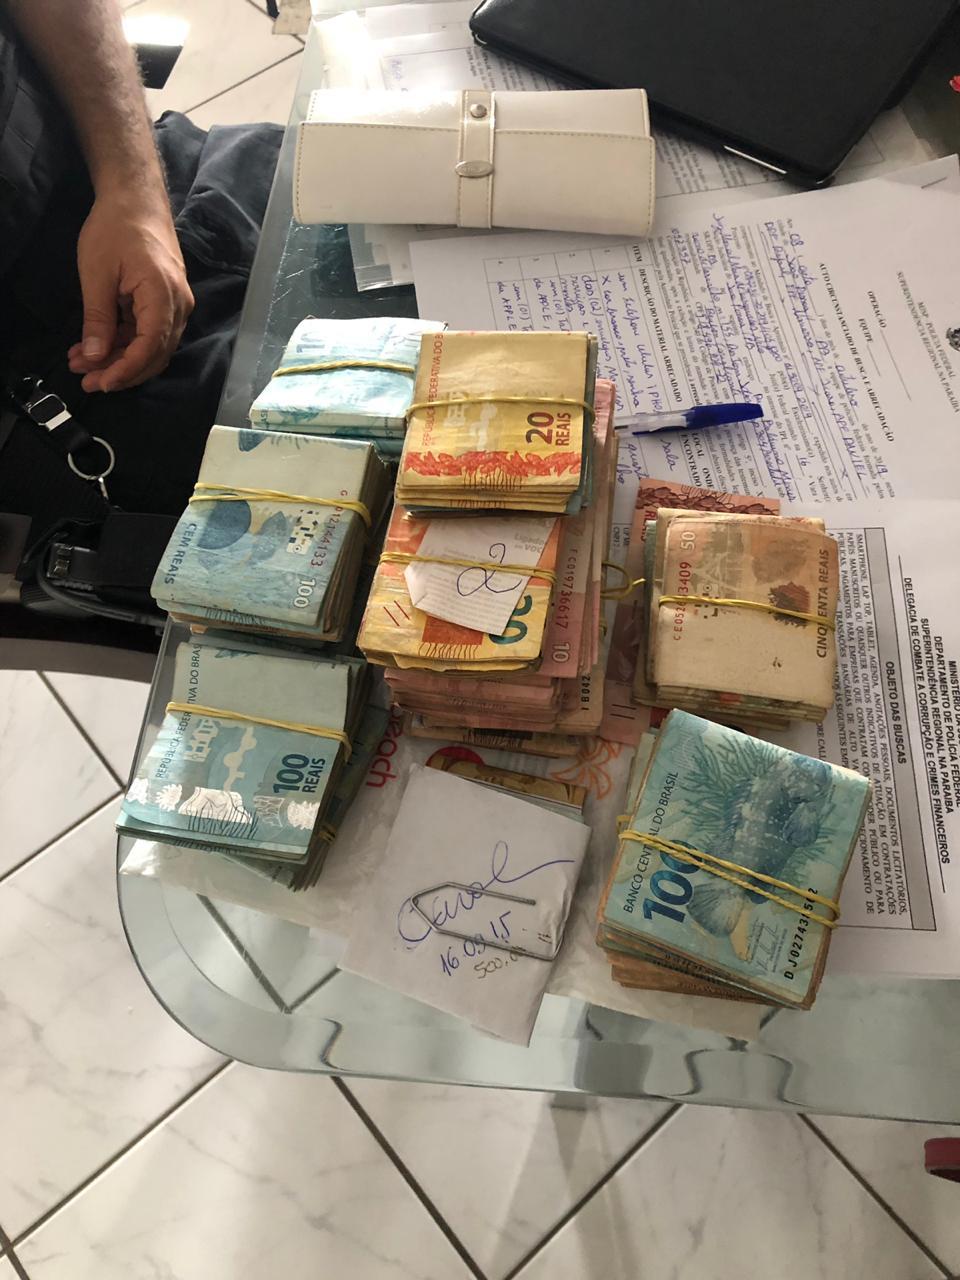 WhatsApp Image 2019 10 08 at 07.13.10 - XEQUE-MATE EM AÇÃO: PF apreende lotes de dinheiro e cumpre mandado na casa do ex-deputado André Amaral